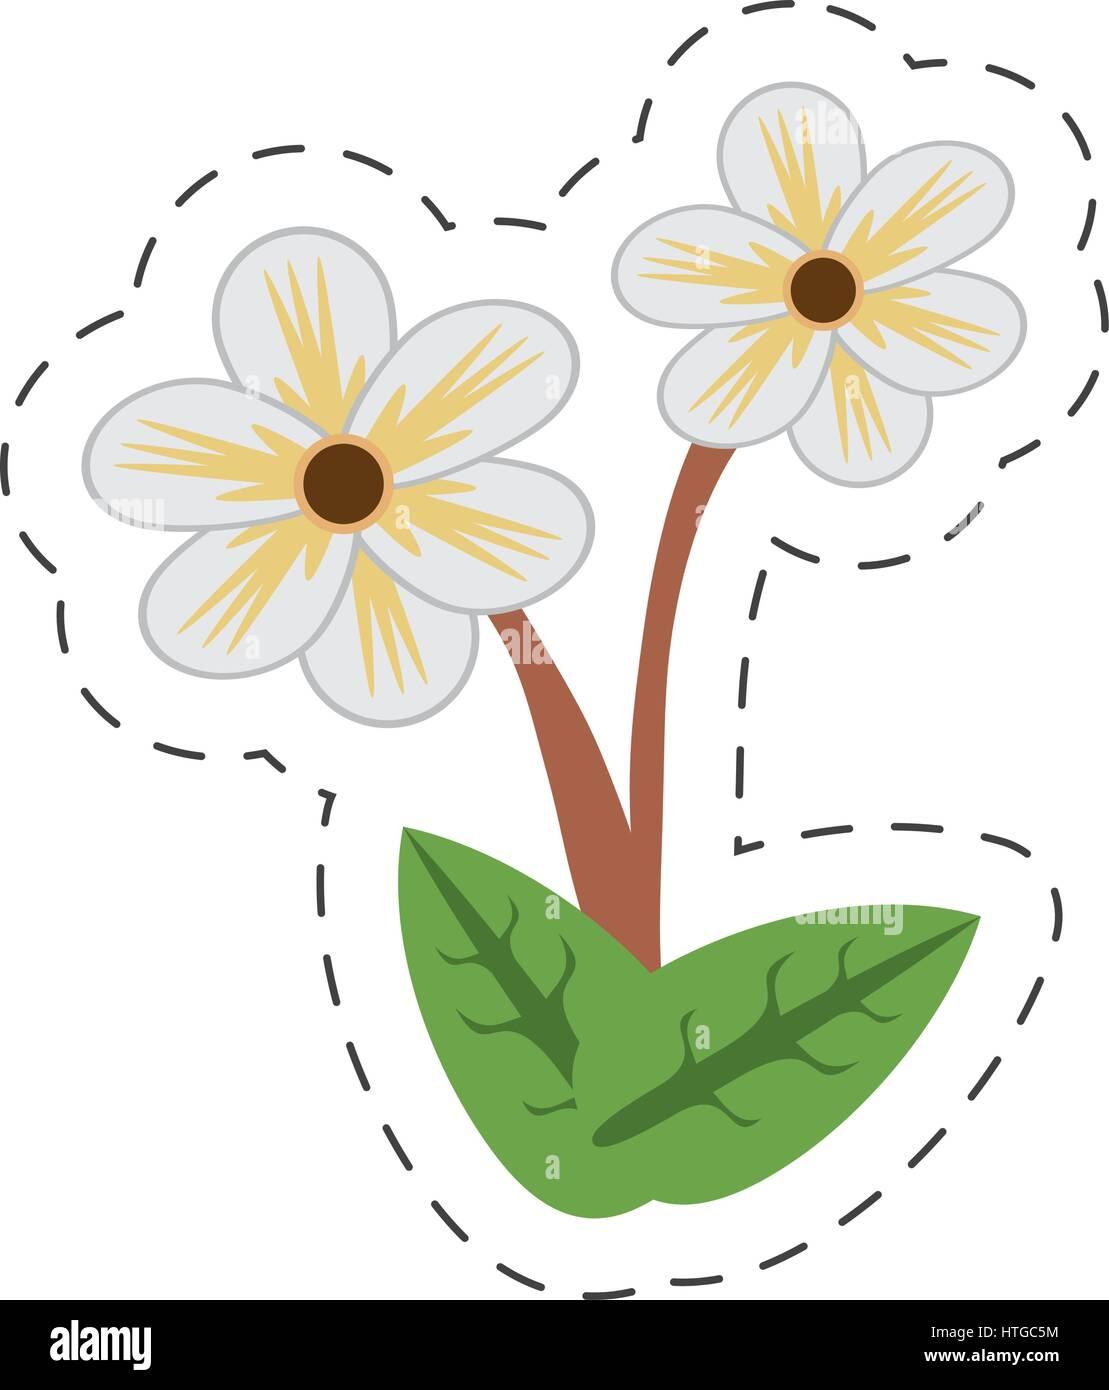 Jasmine Flower Garden Stock Vector Images Alamy